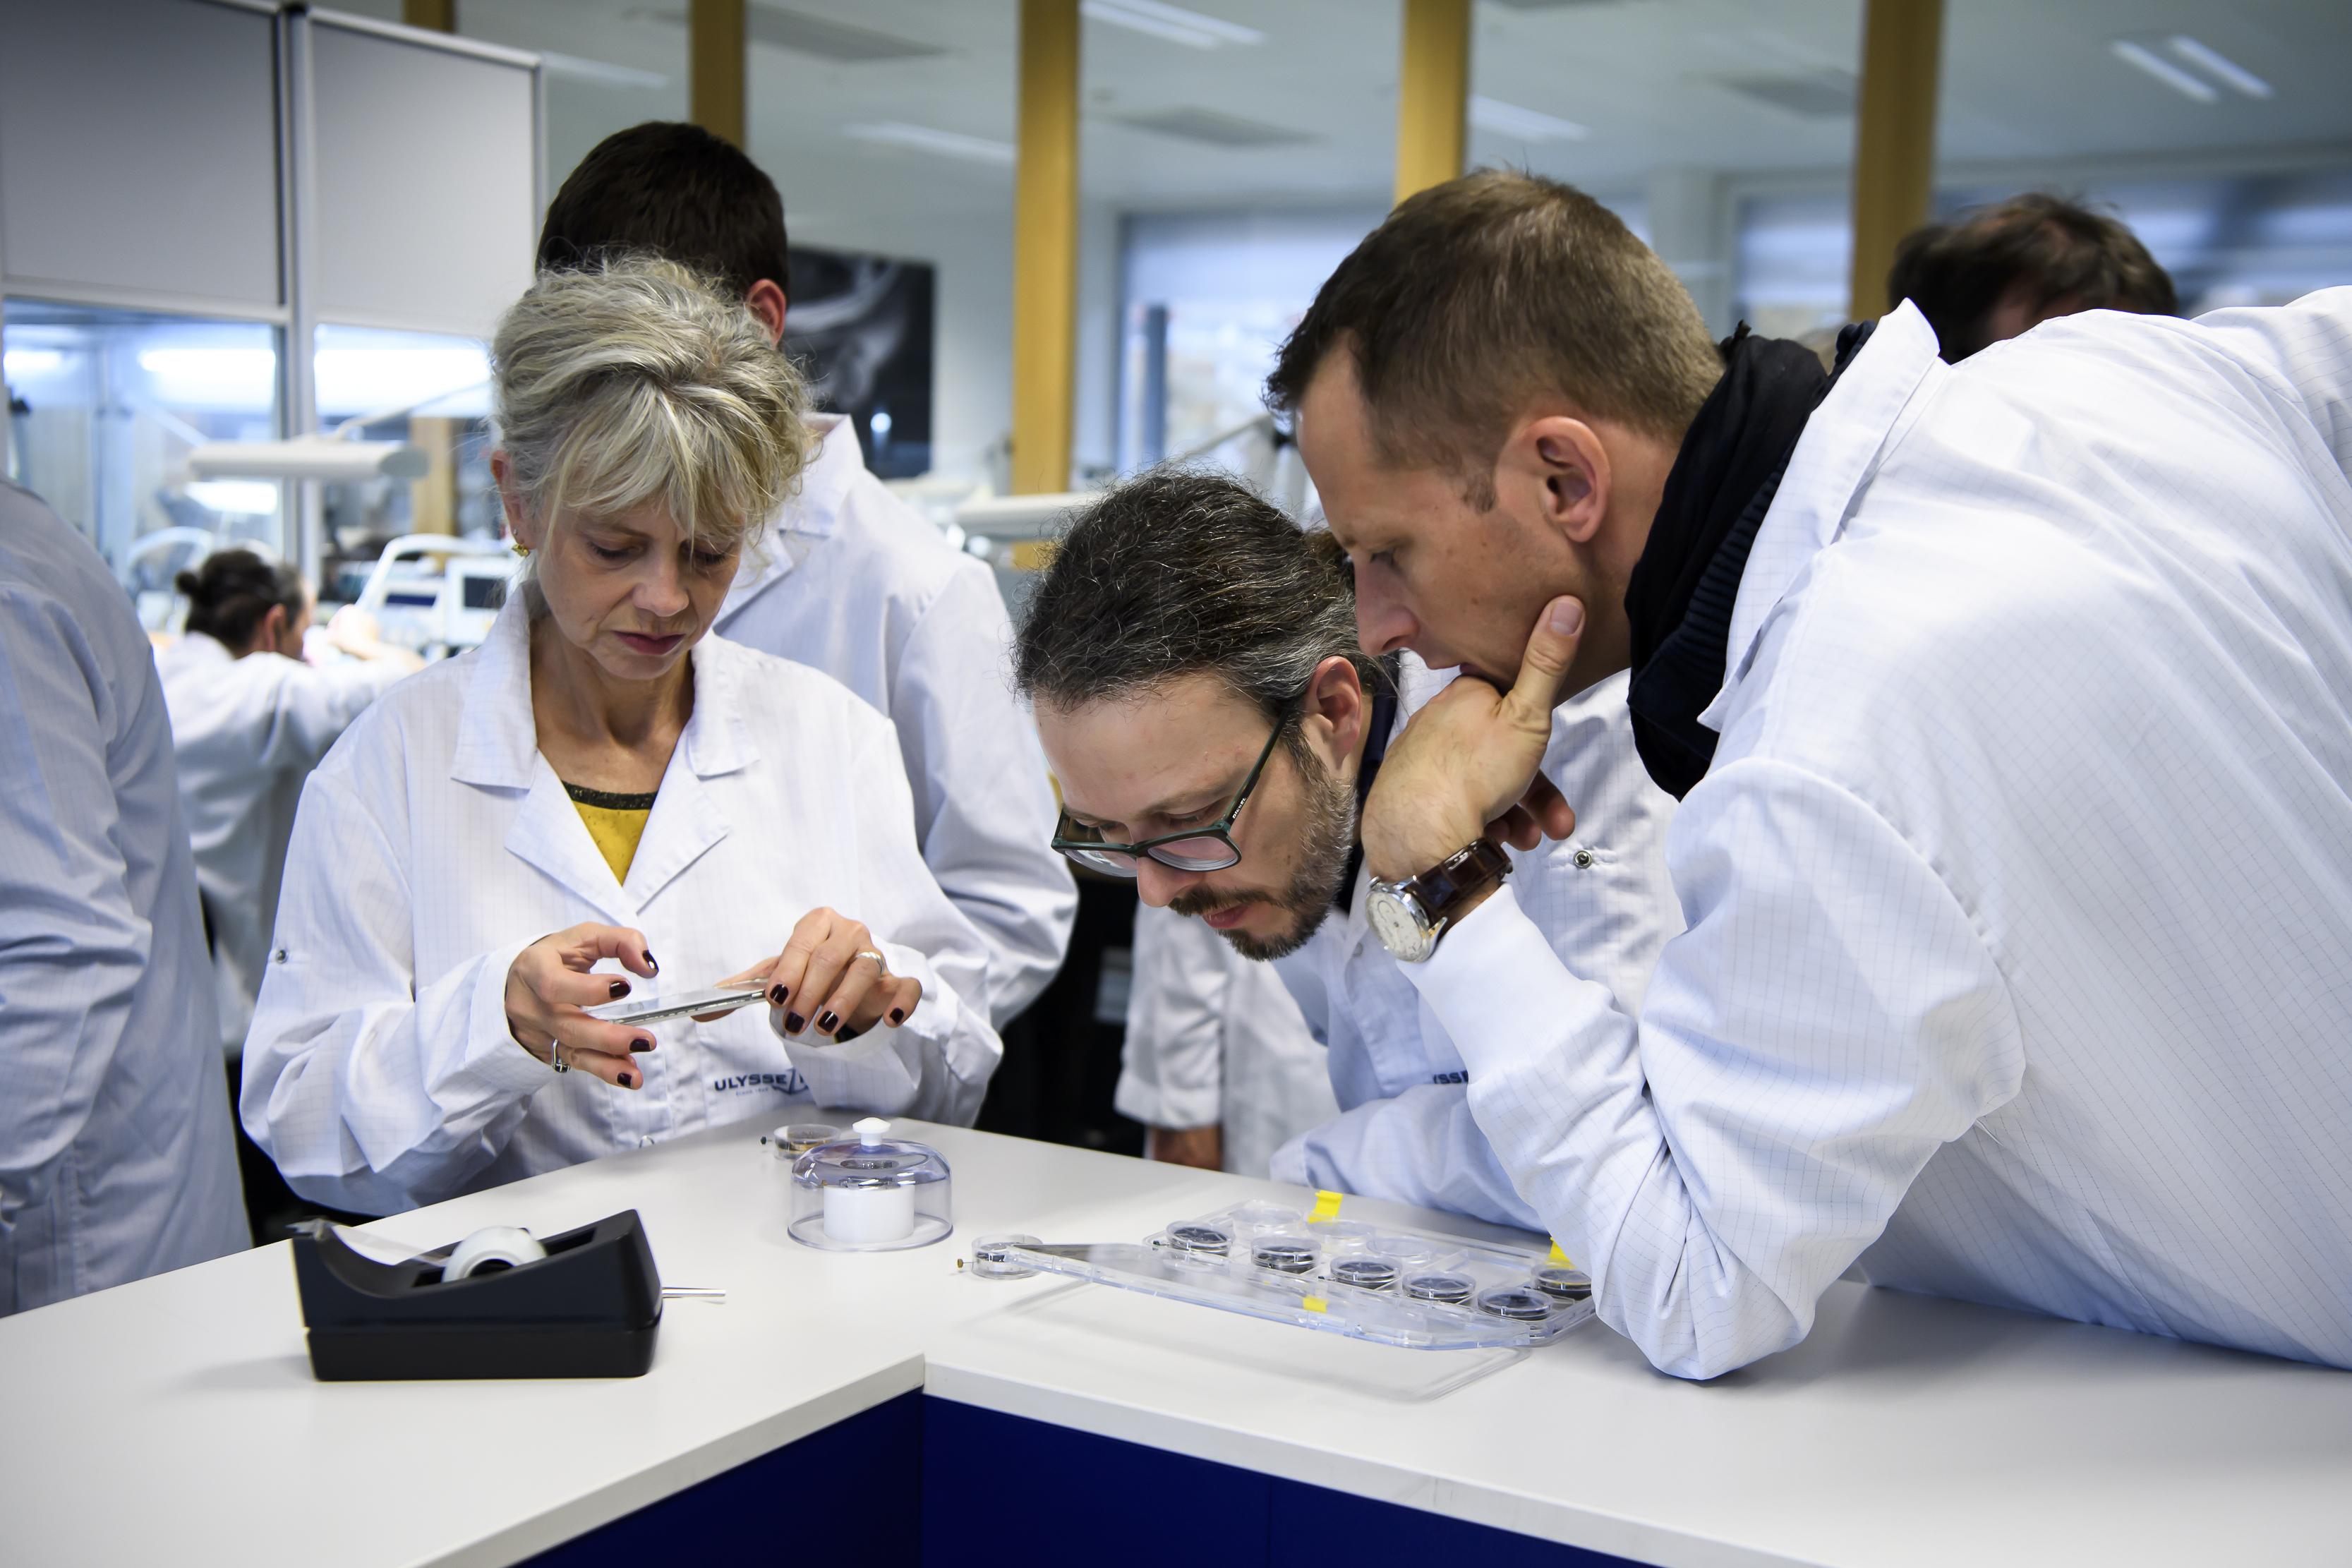 Des personnes regardent des pièces de montre lors d'une visite publique durant la 9e Biennale du patrimoine horloger, dans la manufacture Ulysse Nardin, à La Chaux-de-Fonds, le 1 novembre 2019.